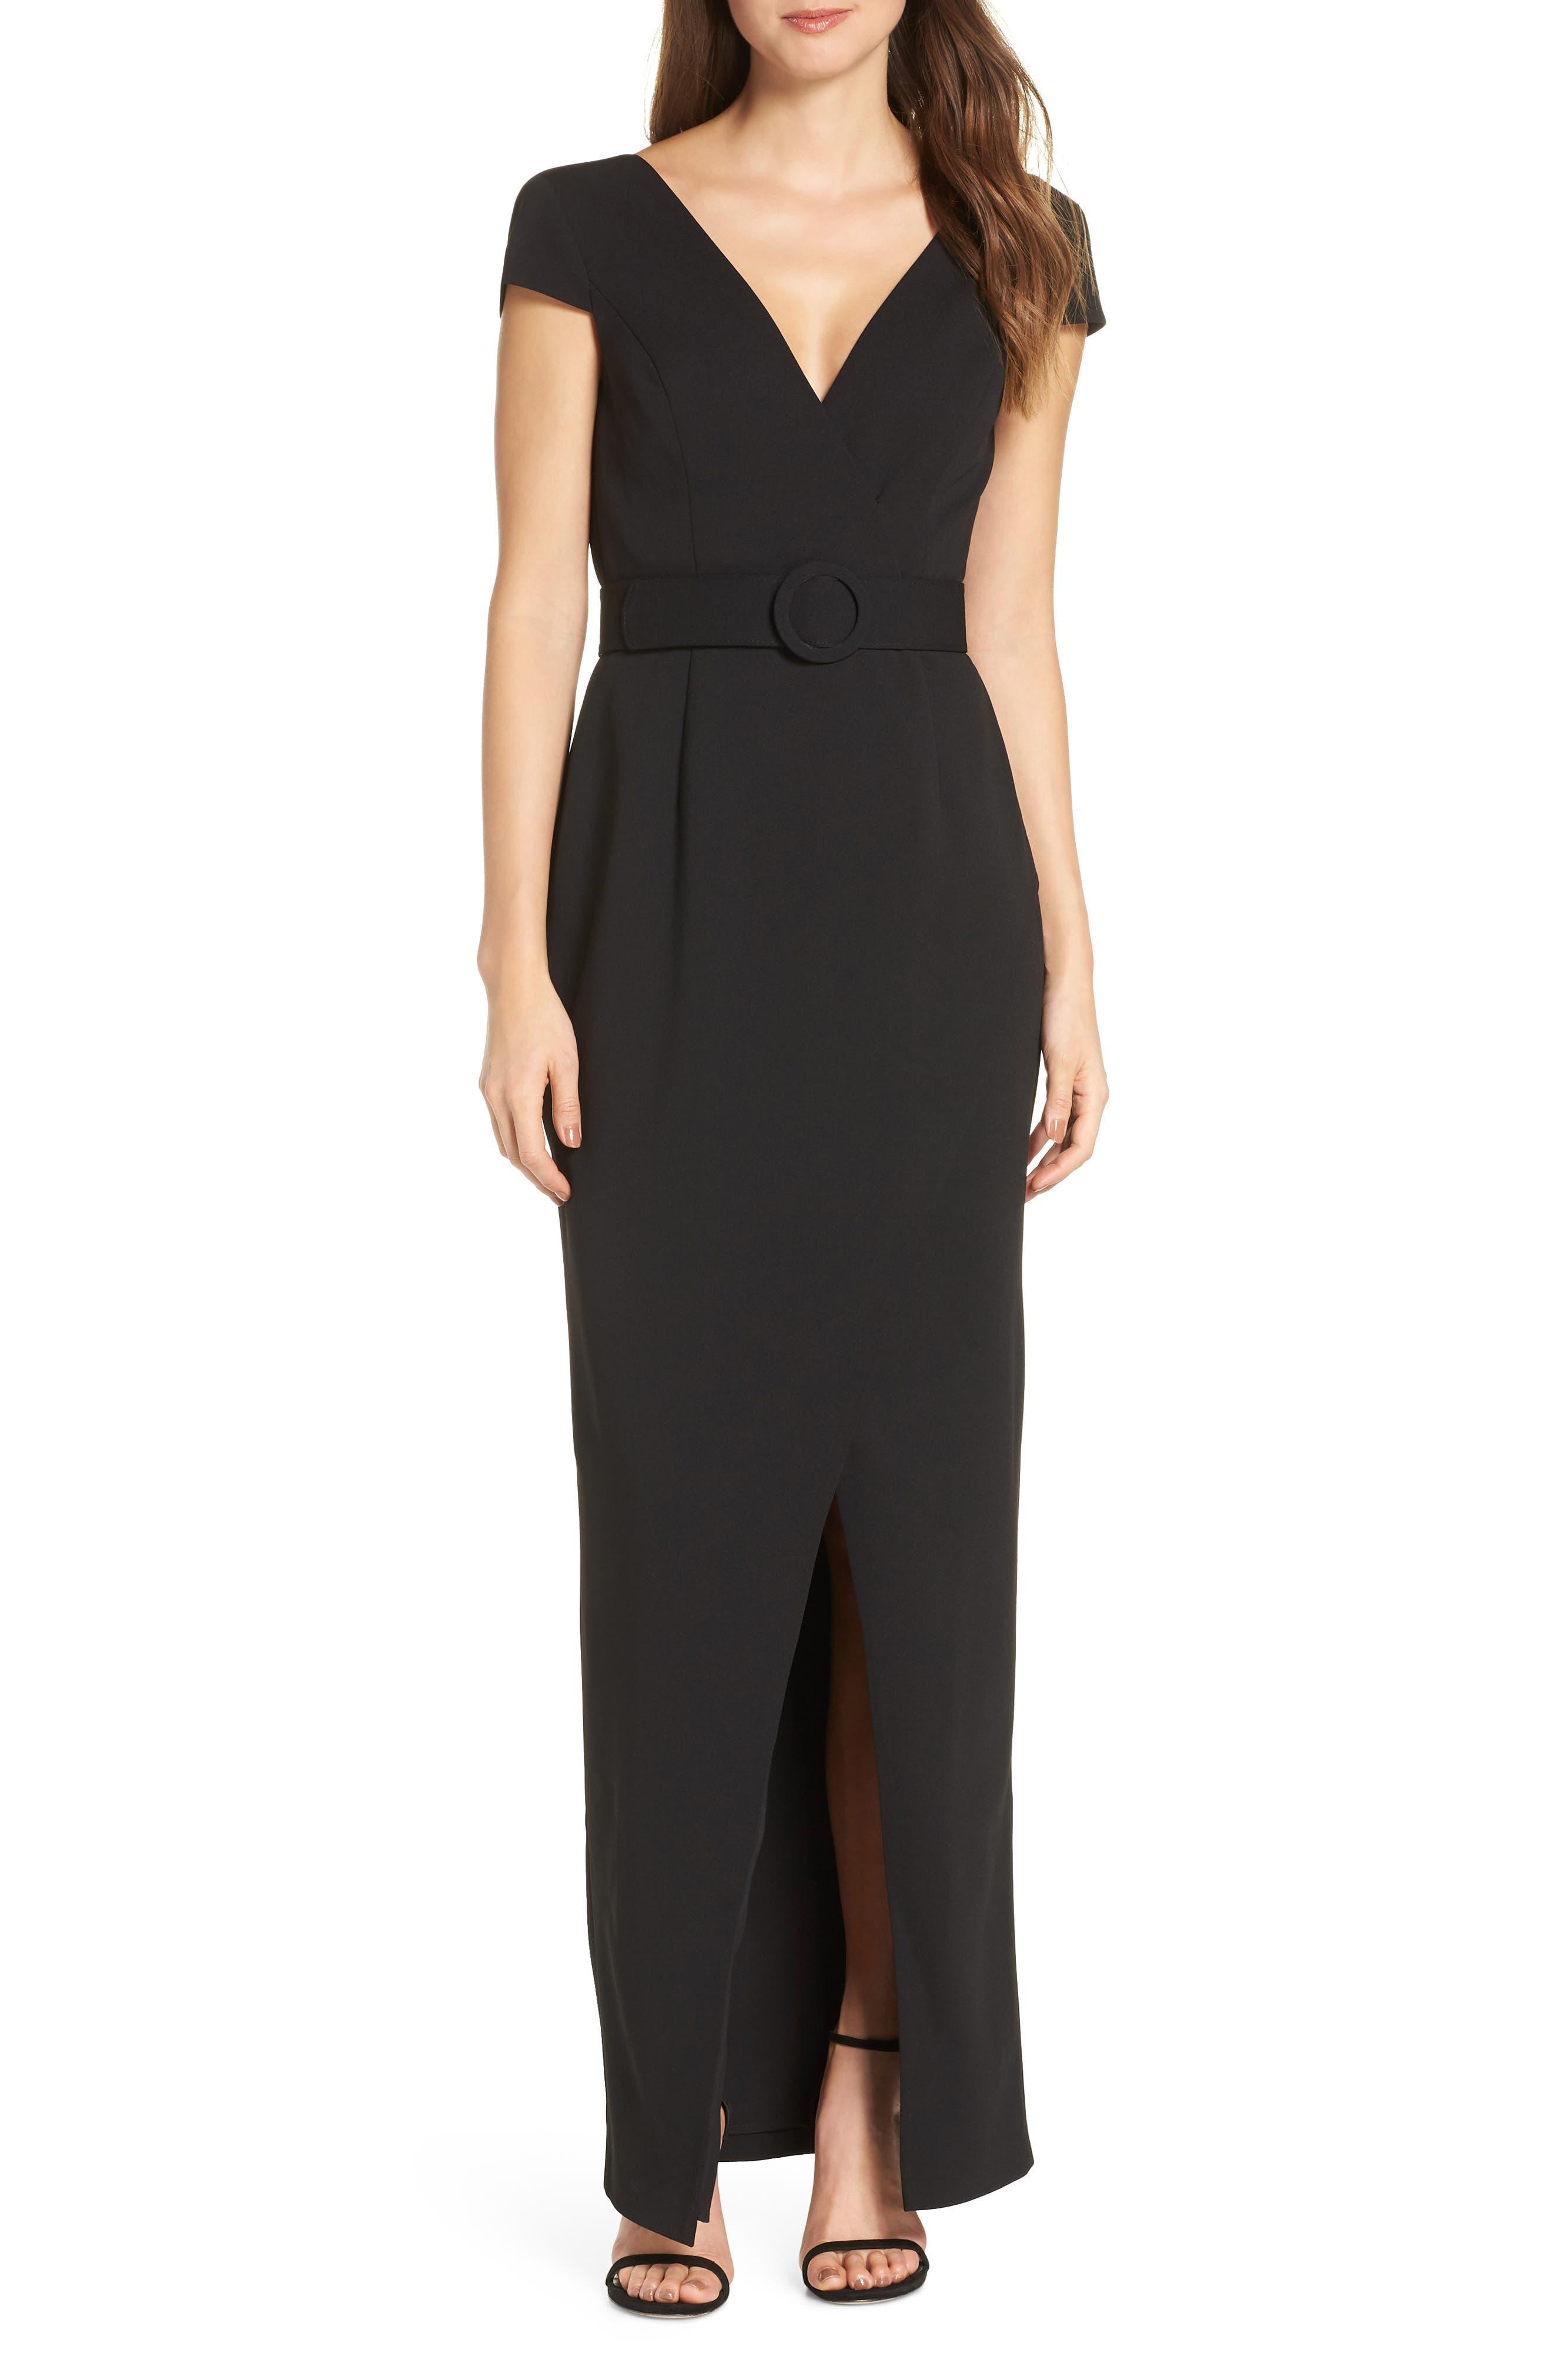 Vince Camuto Belted V-Neck Evening Dress, Black